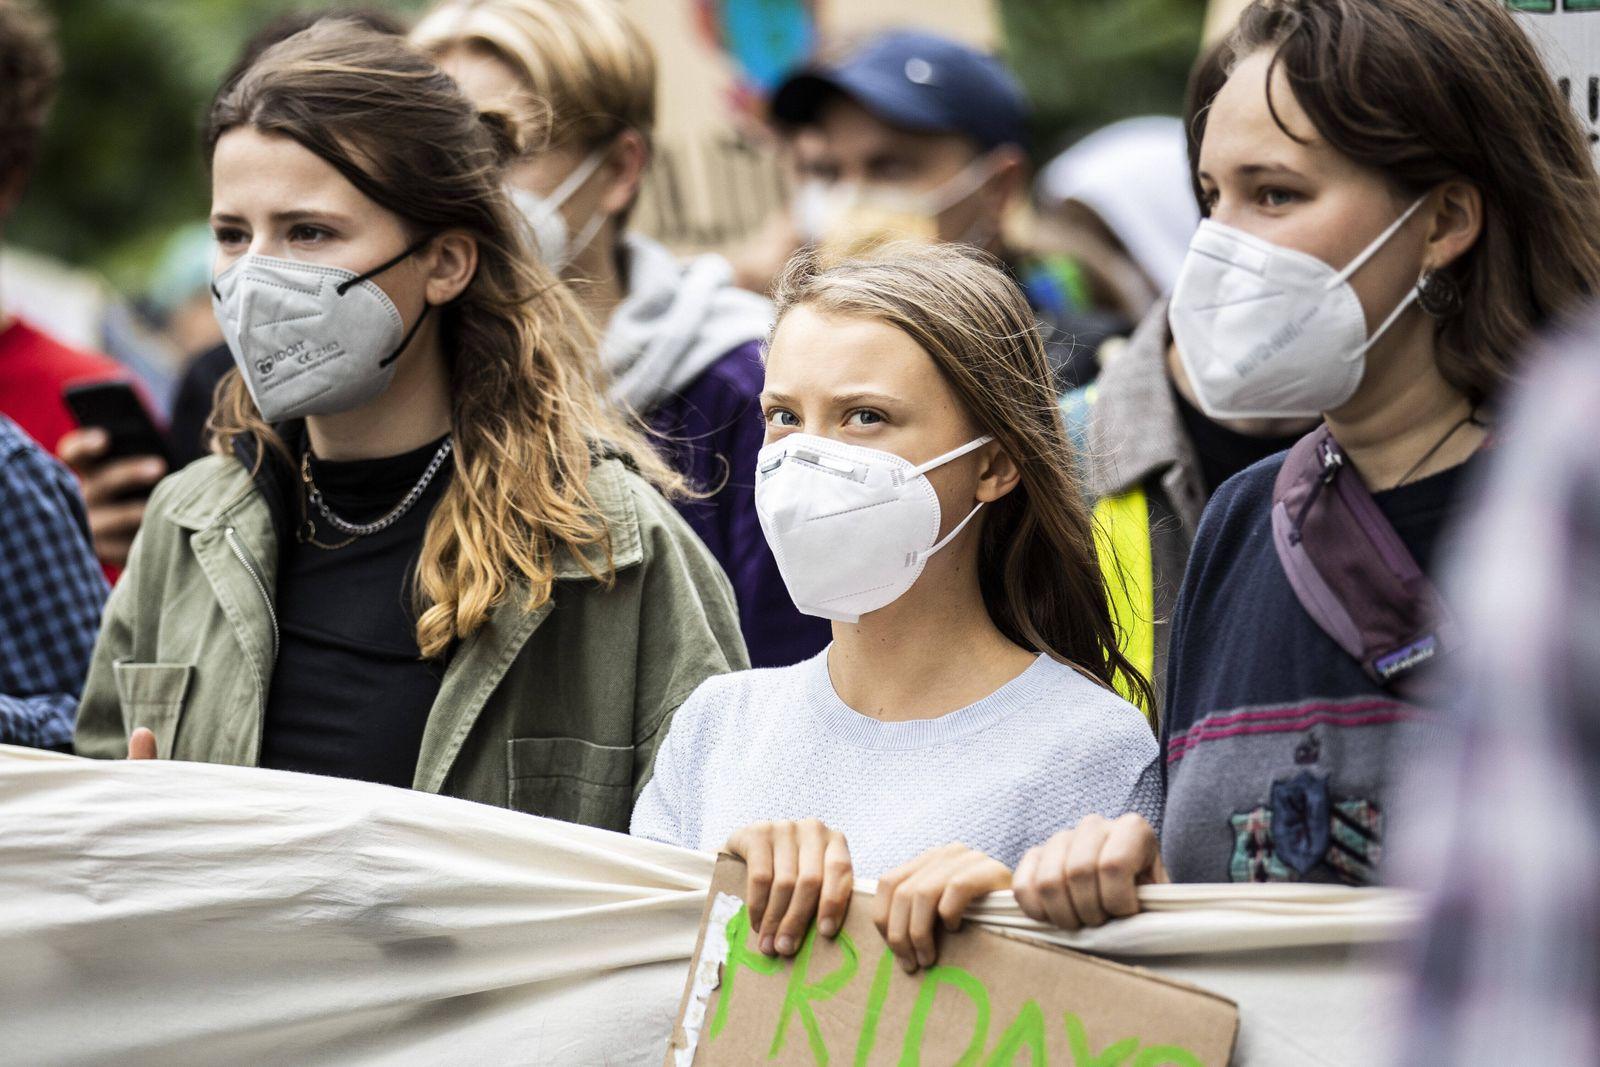 Greta Thunberg (M), Klimaaktivistin, und Luisa Neubauer (L), Klimaaktivistin bei Fridays for Future, protestieren anlaes